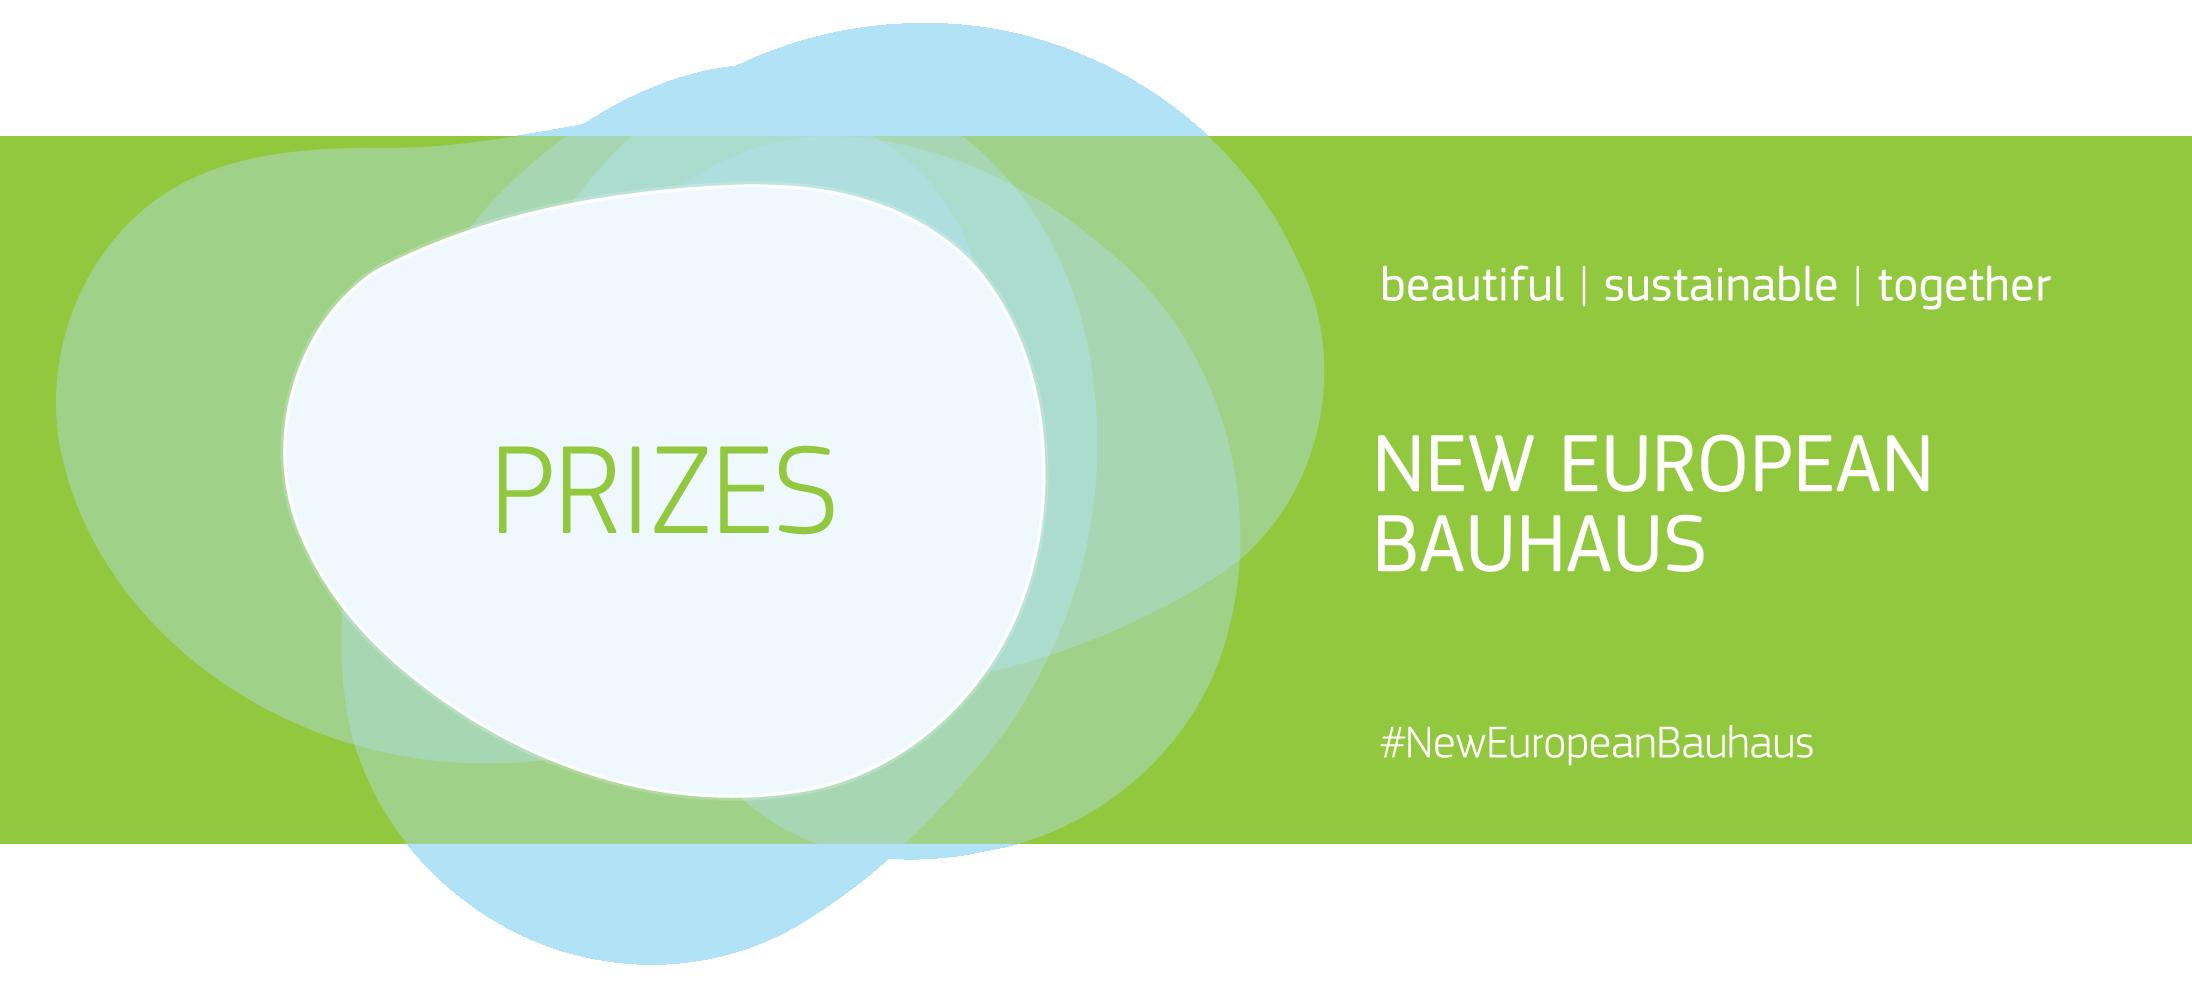 Preise zum Neuen Europäischen Bauhaus